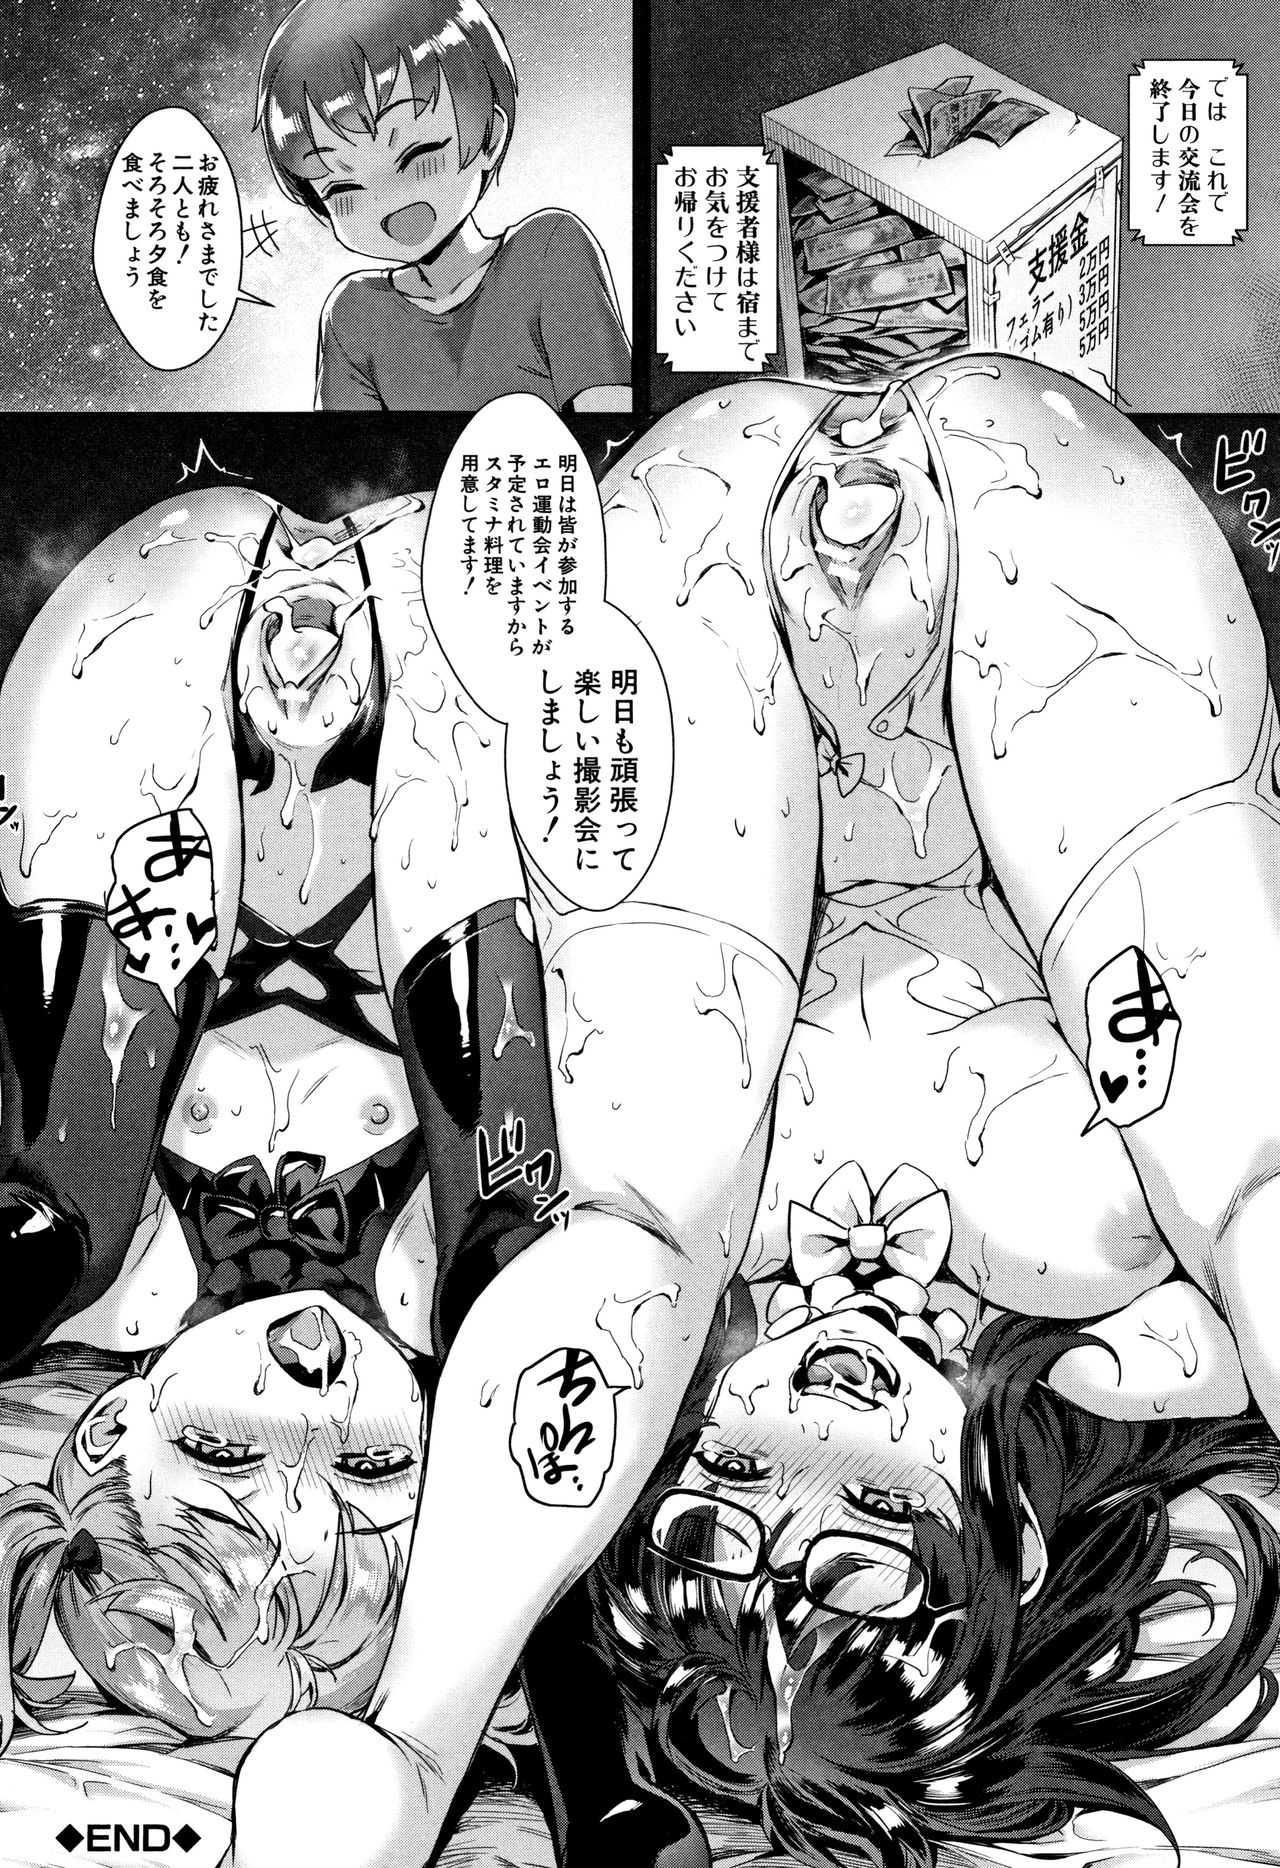 【エロ漫画】(2/7話)部活のスポンサー達との交流会に駆り出されたJK…おっぱい丸出しのエロコスプレ姿でステージに立たされ乱交www【ジャイロウ:何か怪しい映像研究部scene1】